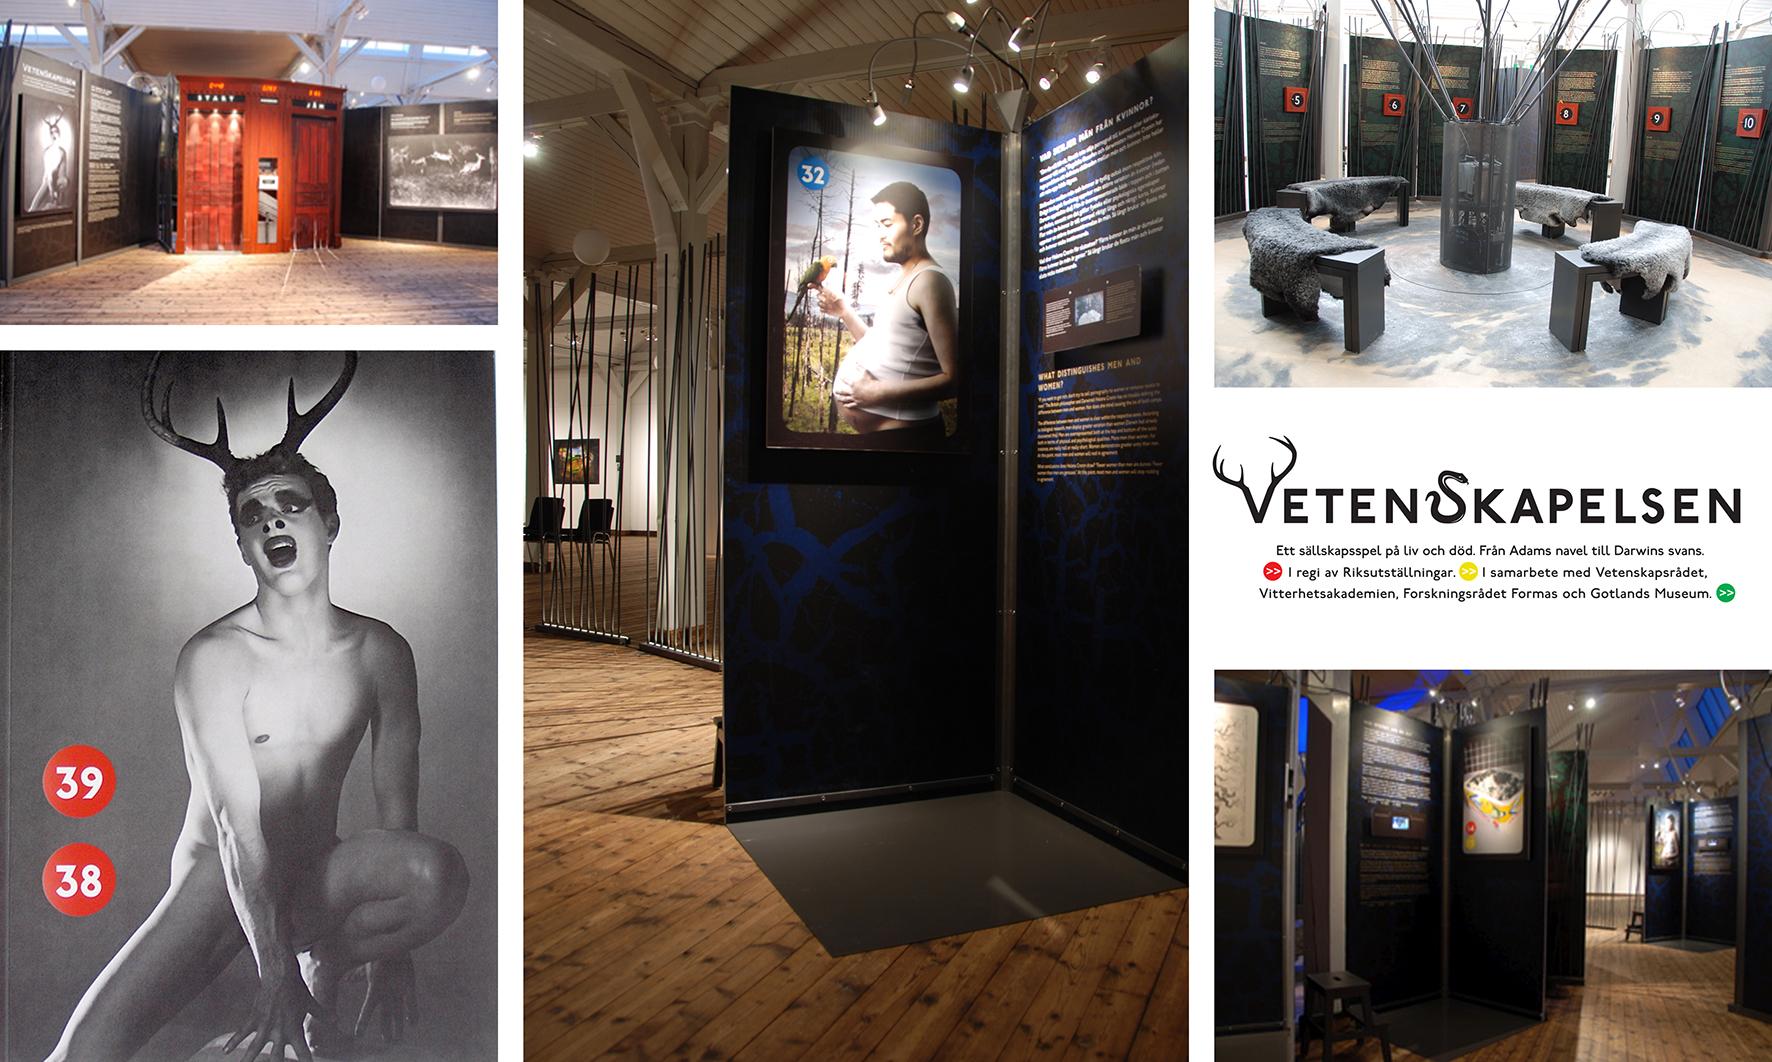 Vetenskapelsen exhibition